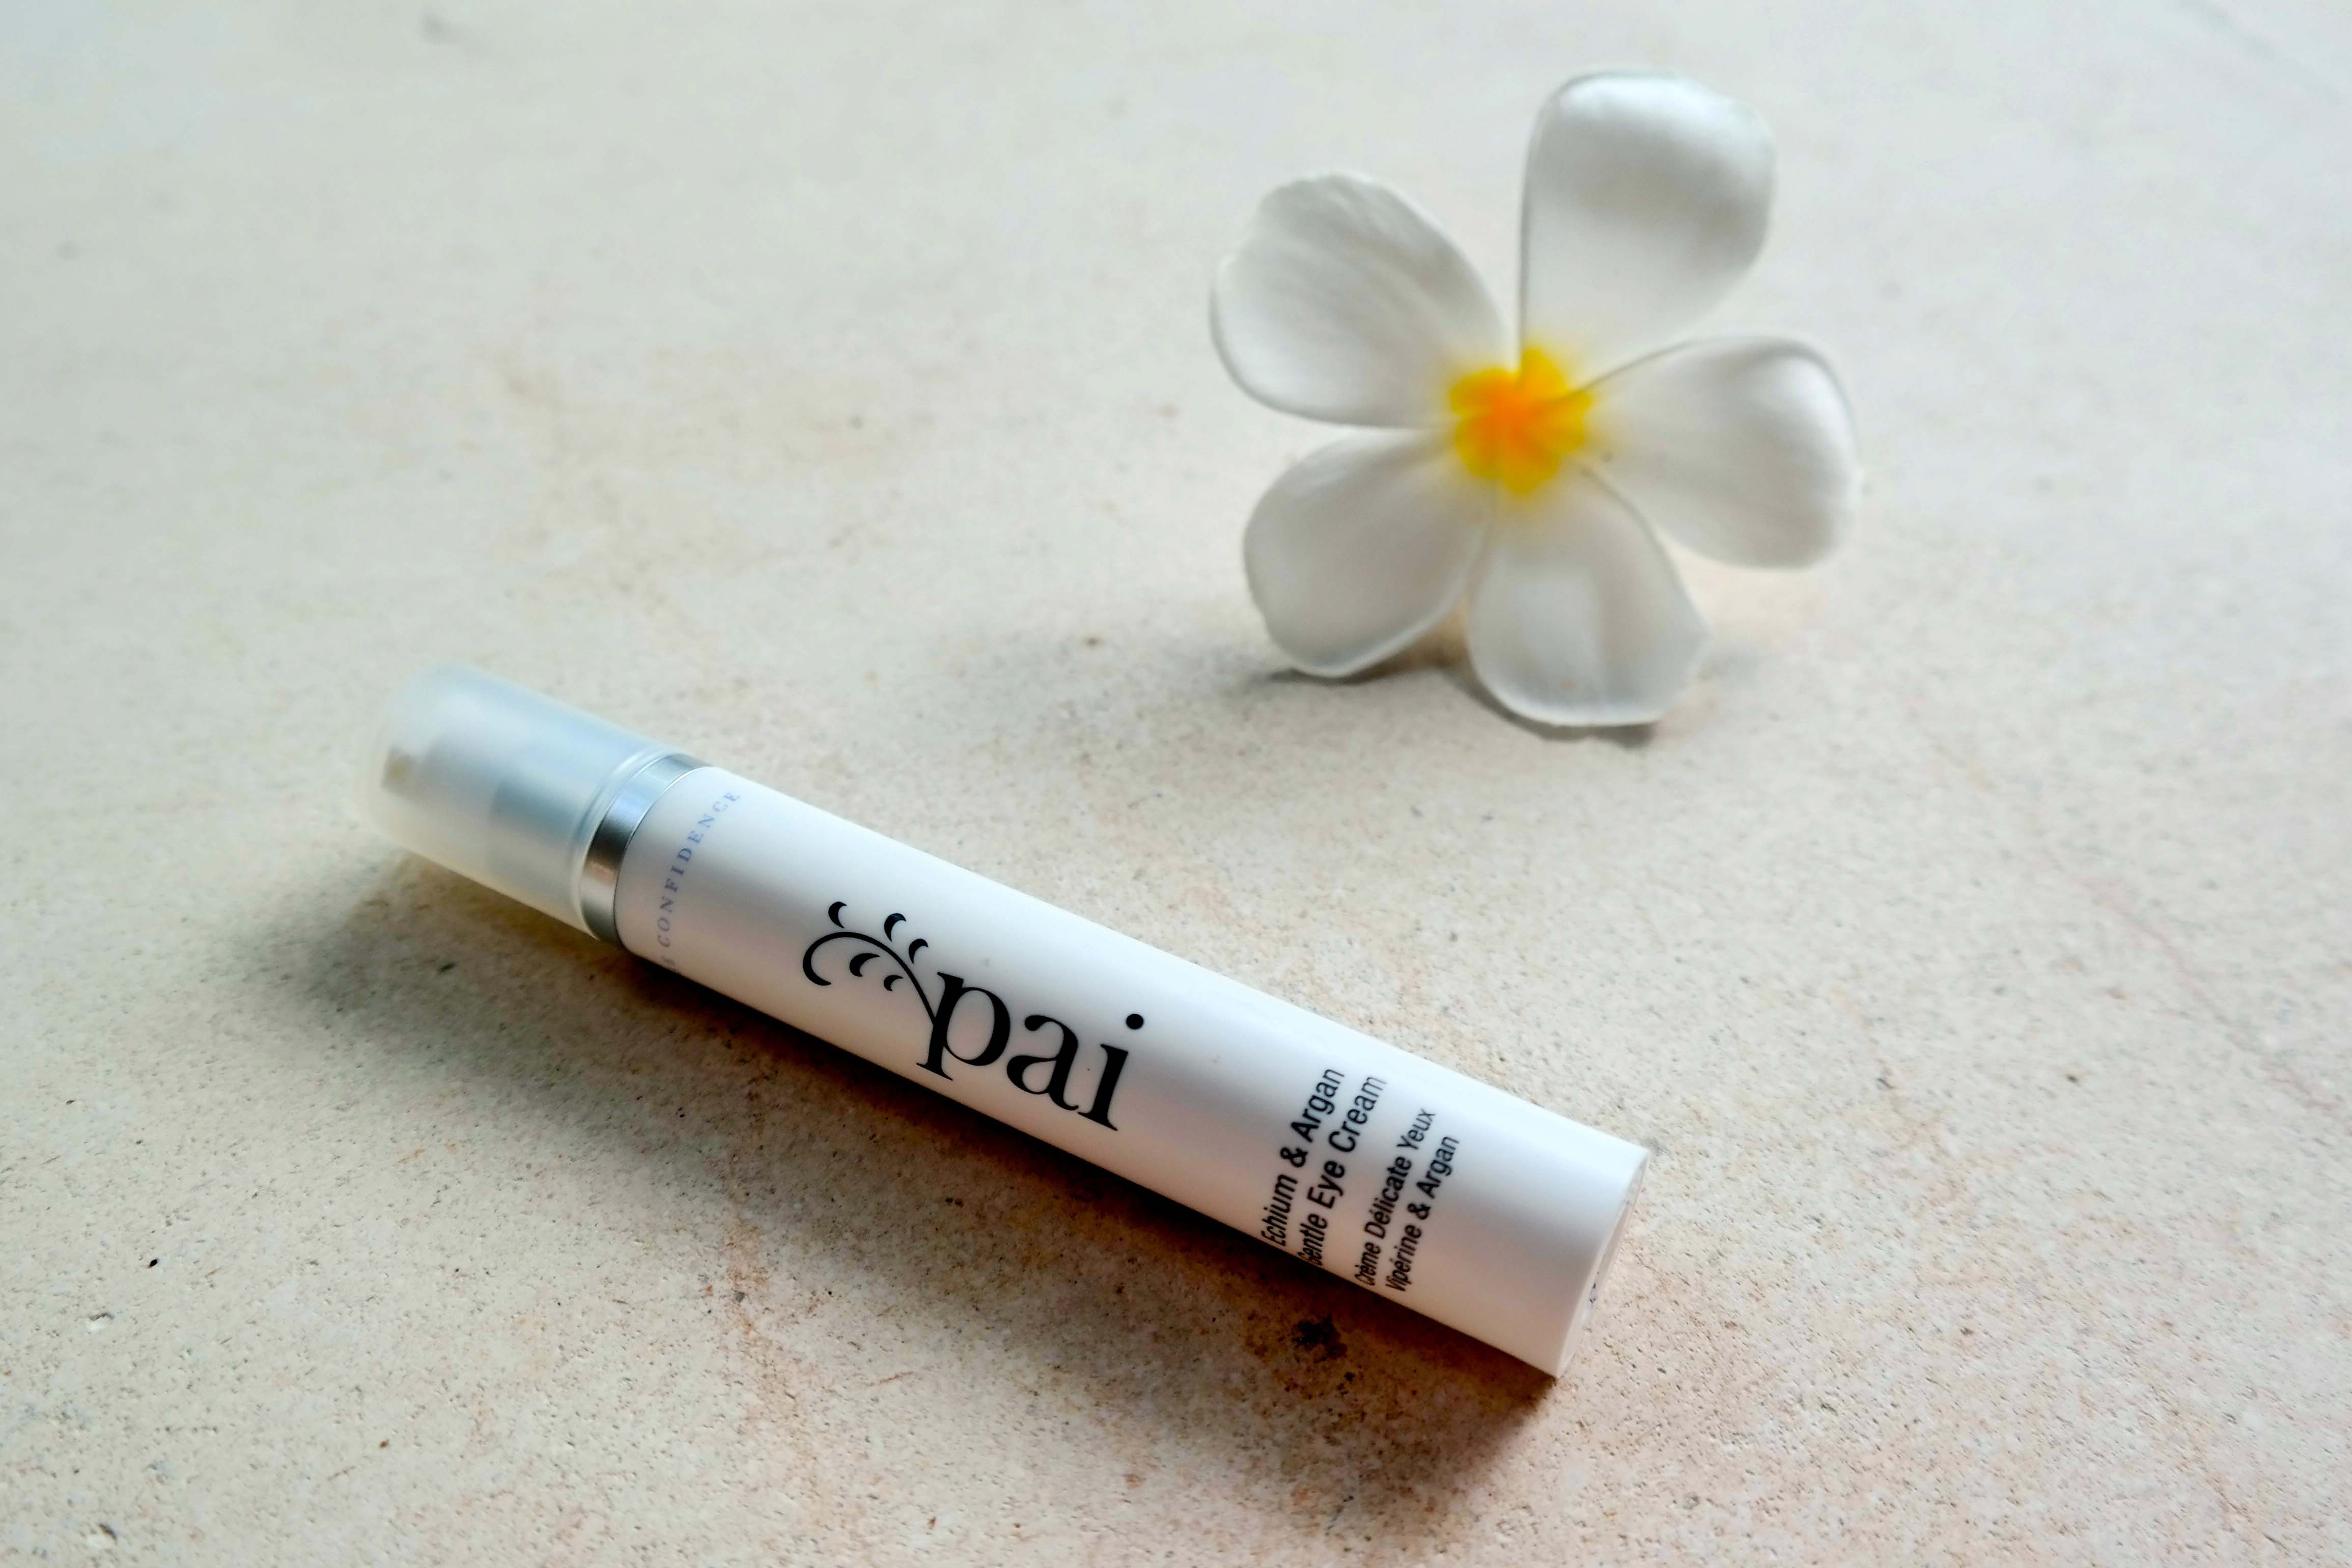 Beautyliebling der Woche // Echium & Argan Augencreme von Pai